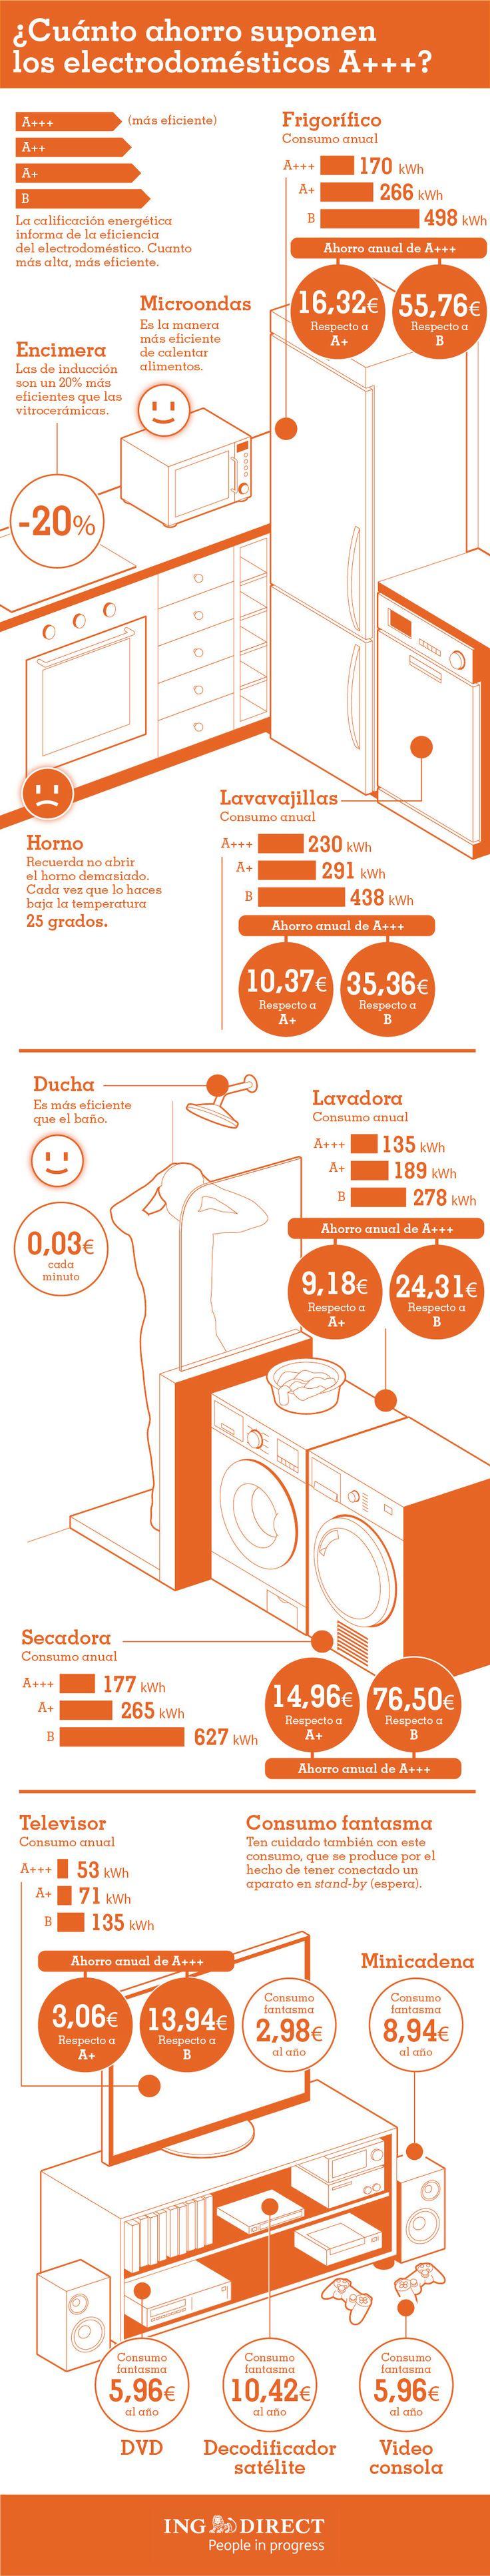 Qué ahorro suponen los electrodomésticos A+++ #infografía